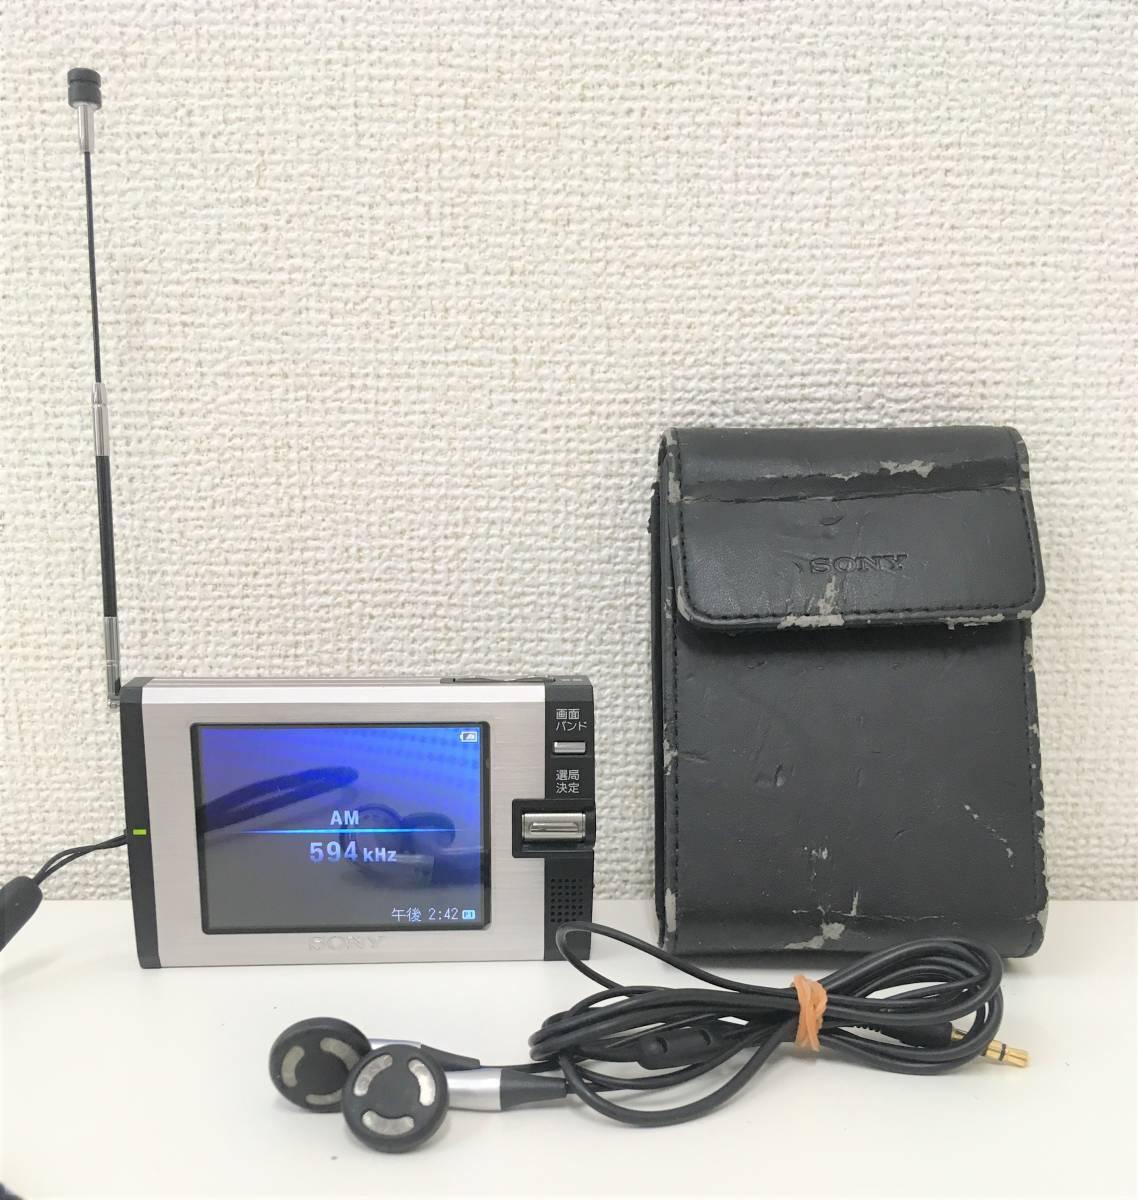 【SONY ワンセグ テレビ ラジオ XDV-100】ケース付/現状品/A5858_画像7